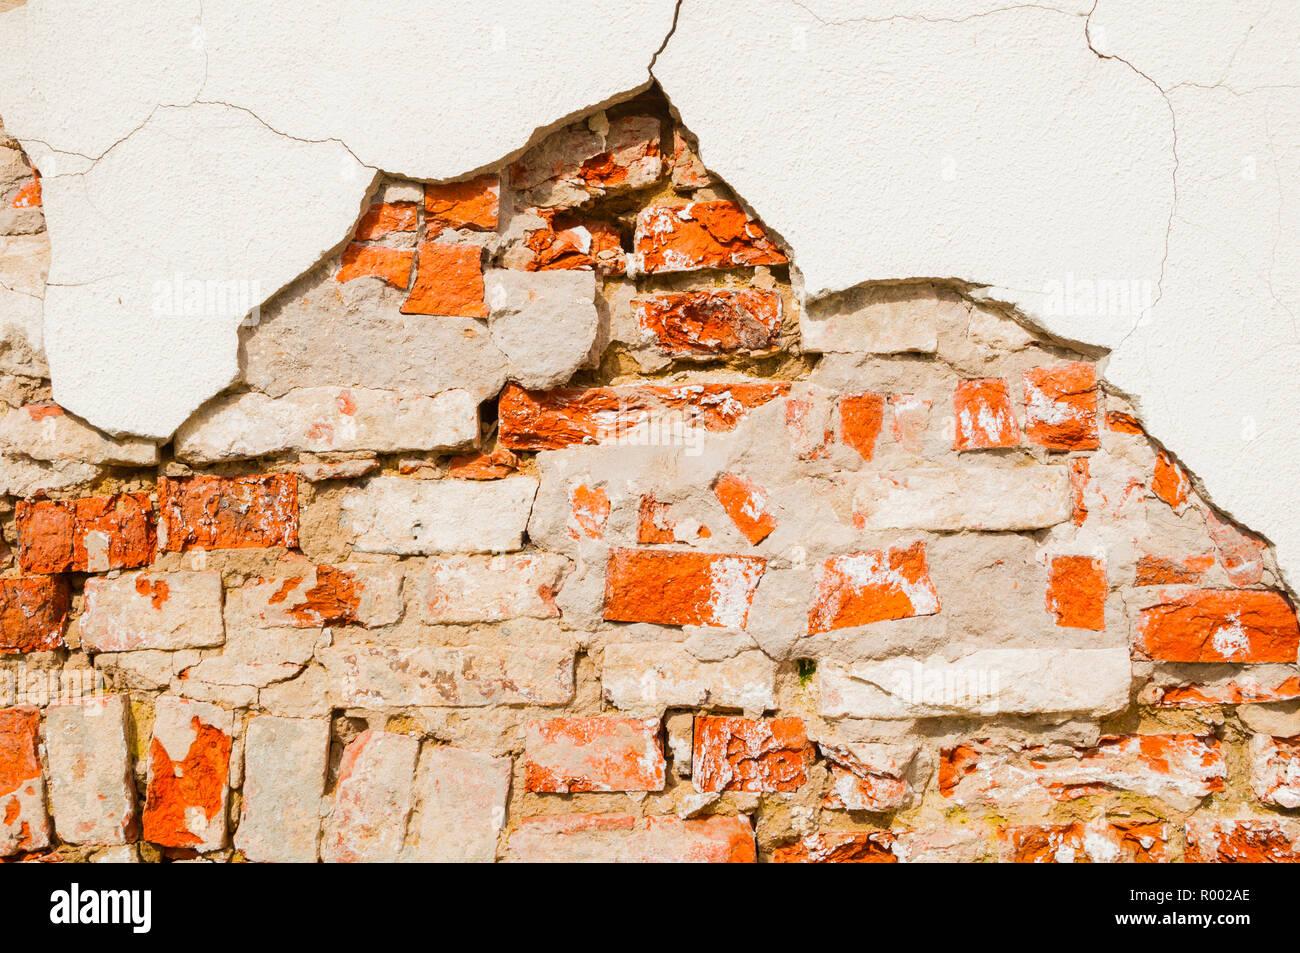 Stone texture di sfondo weathered rosso mattone muro di pietra, la texture della pietra mattoni rossi con fiocchi di stucco Foto Stock